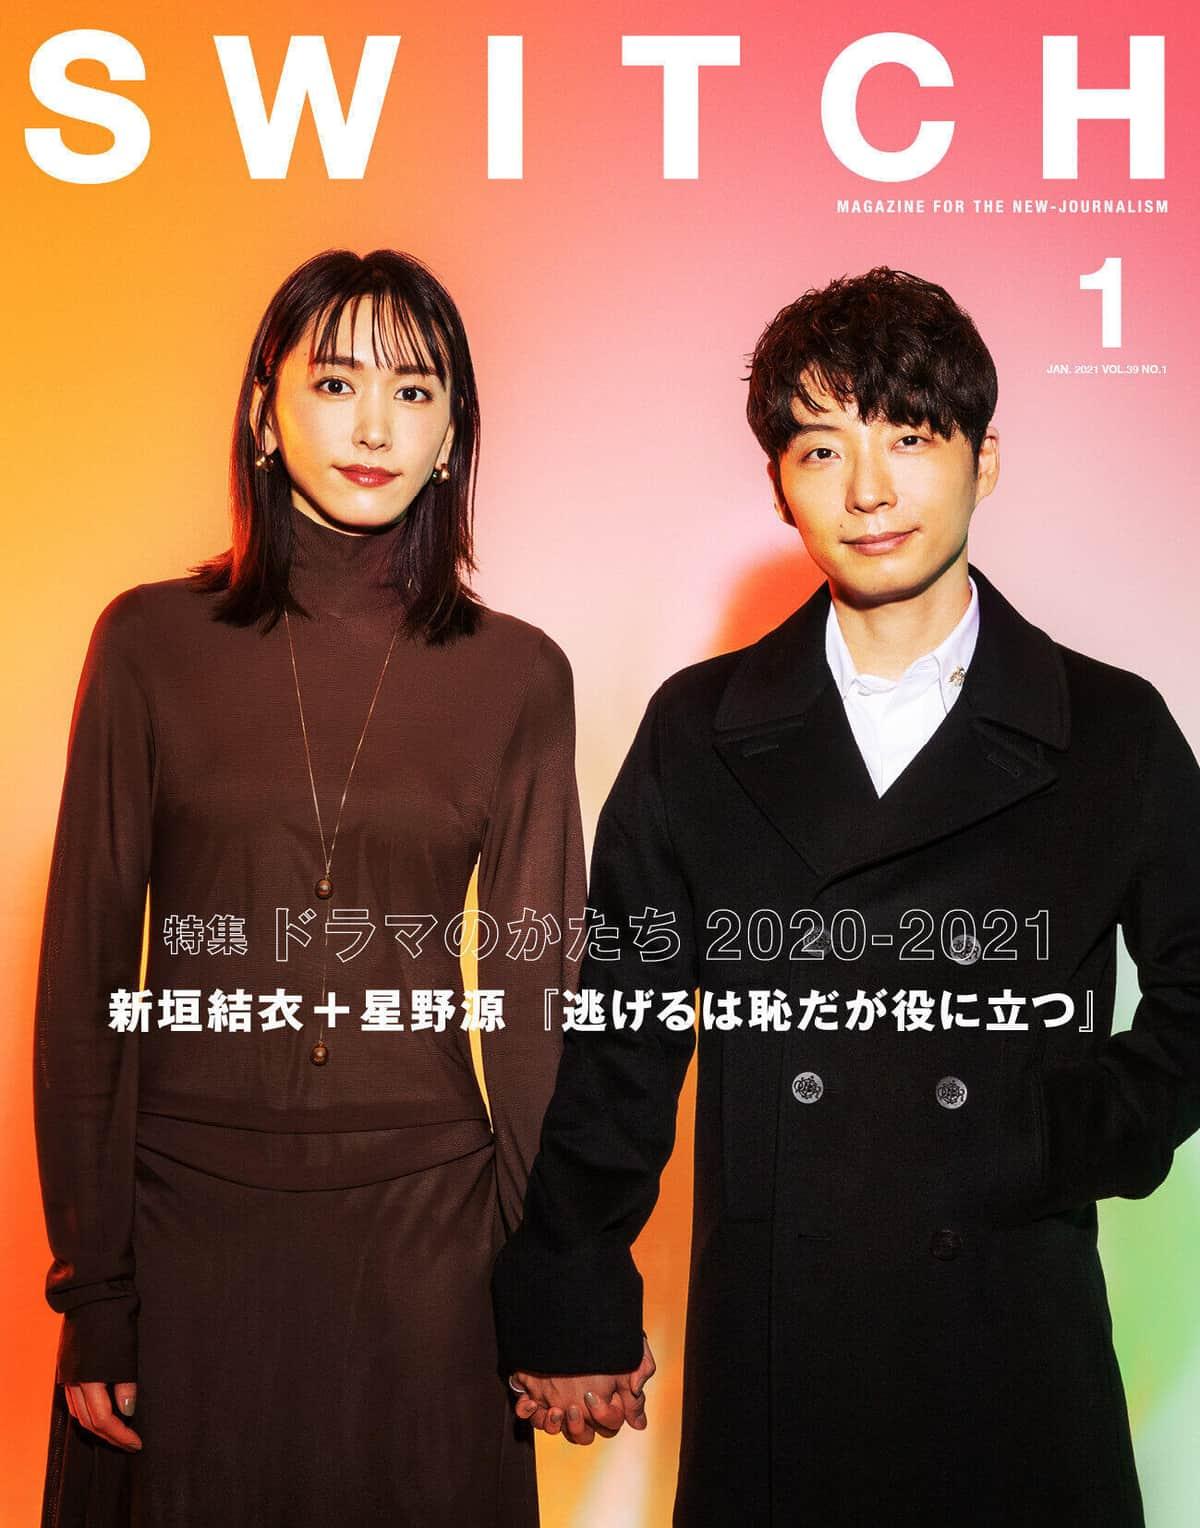 雑誌「SWITCH Vol.39 No.1 特集 ドラマのかたち」の表紙